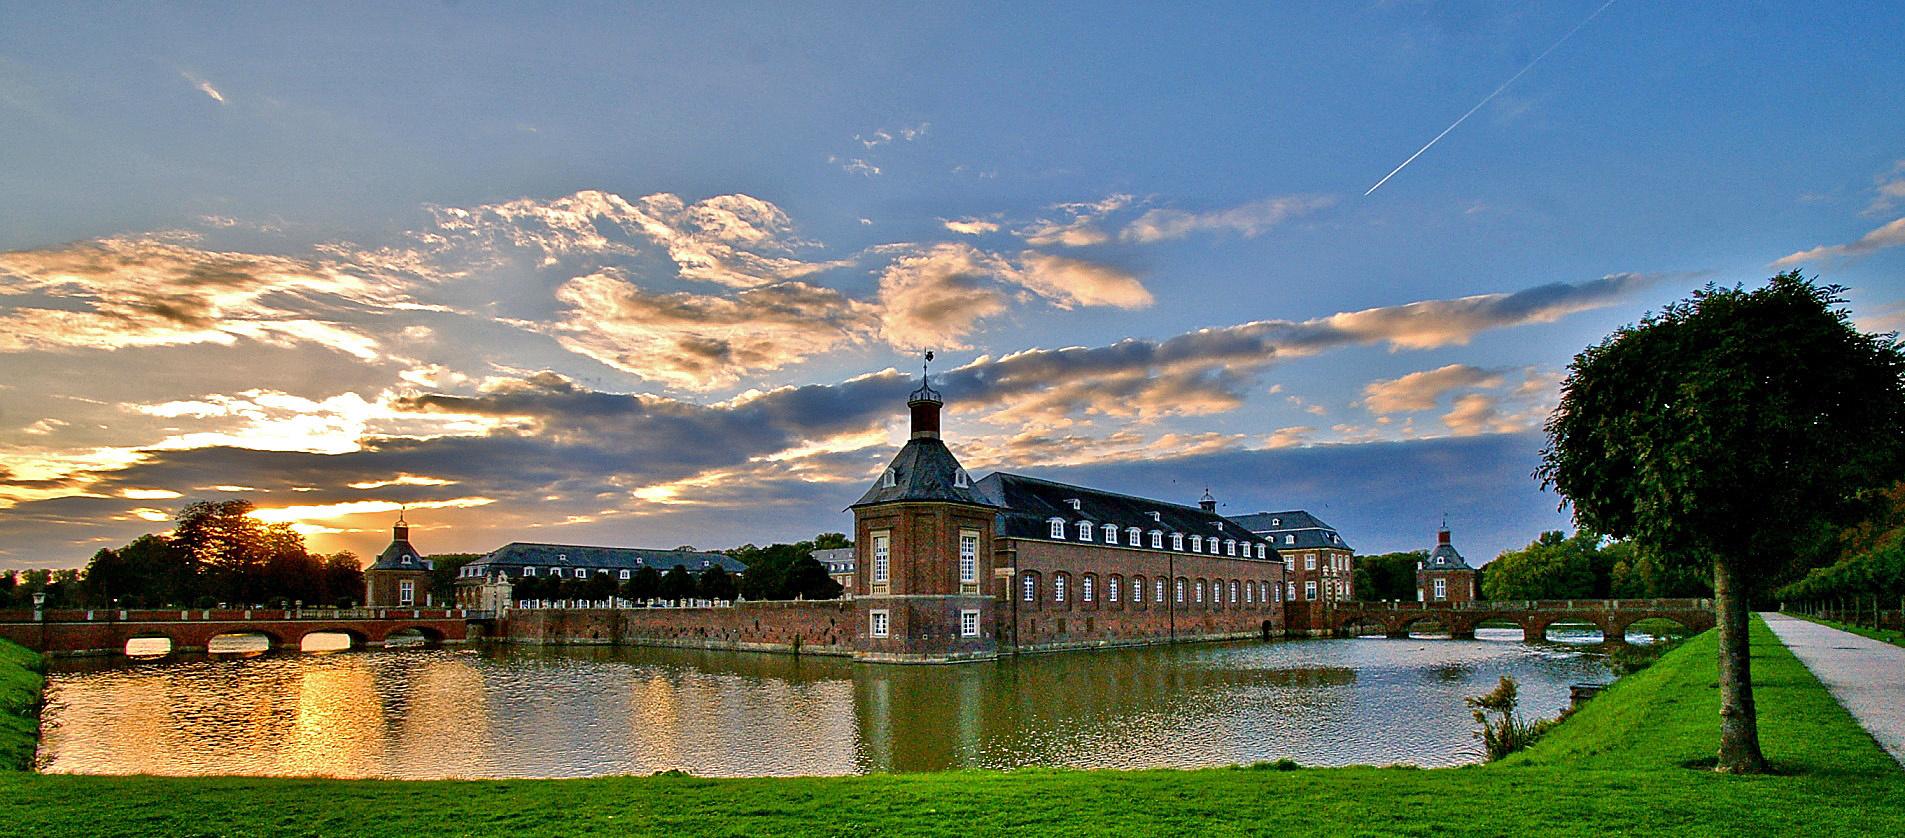 Schloss Norkirchen im Abendlicht..